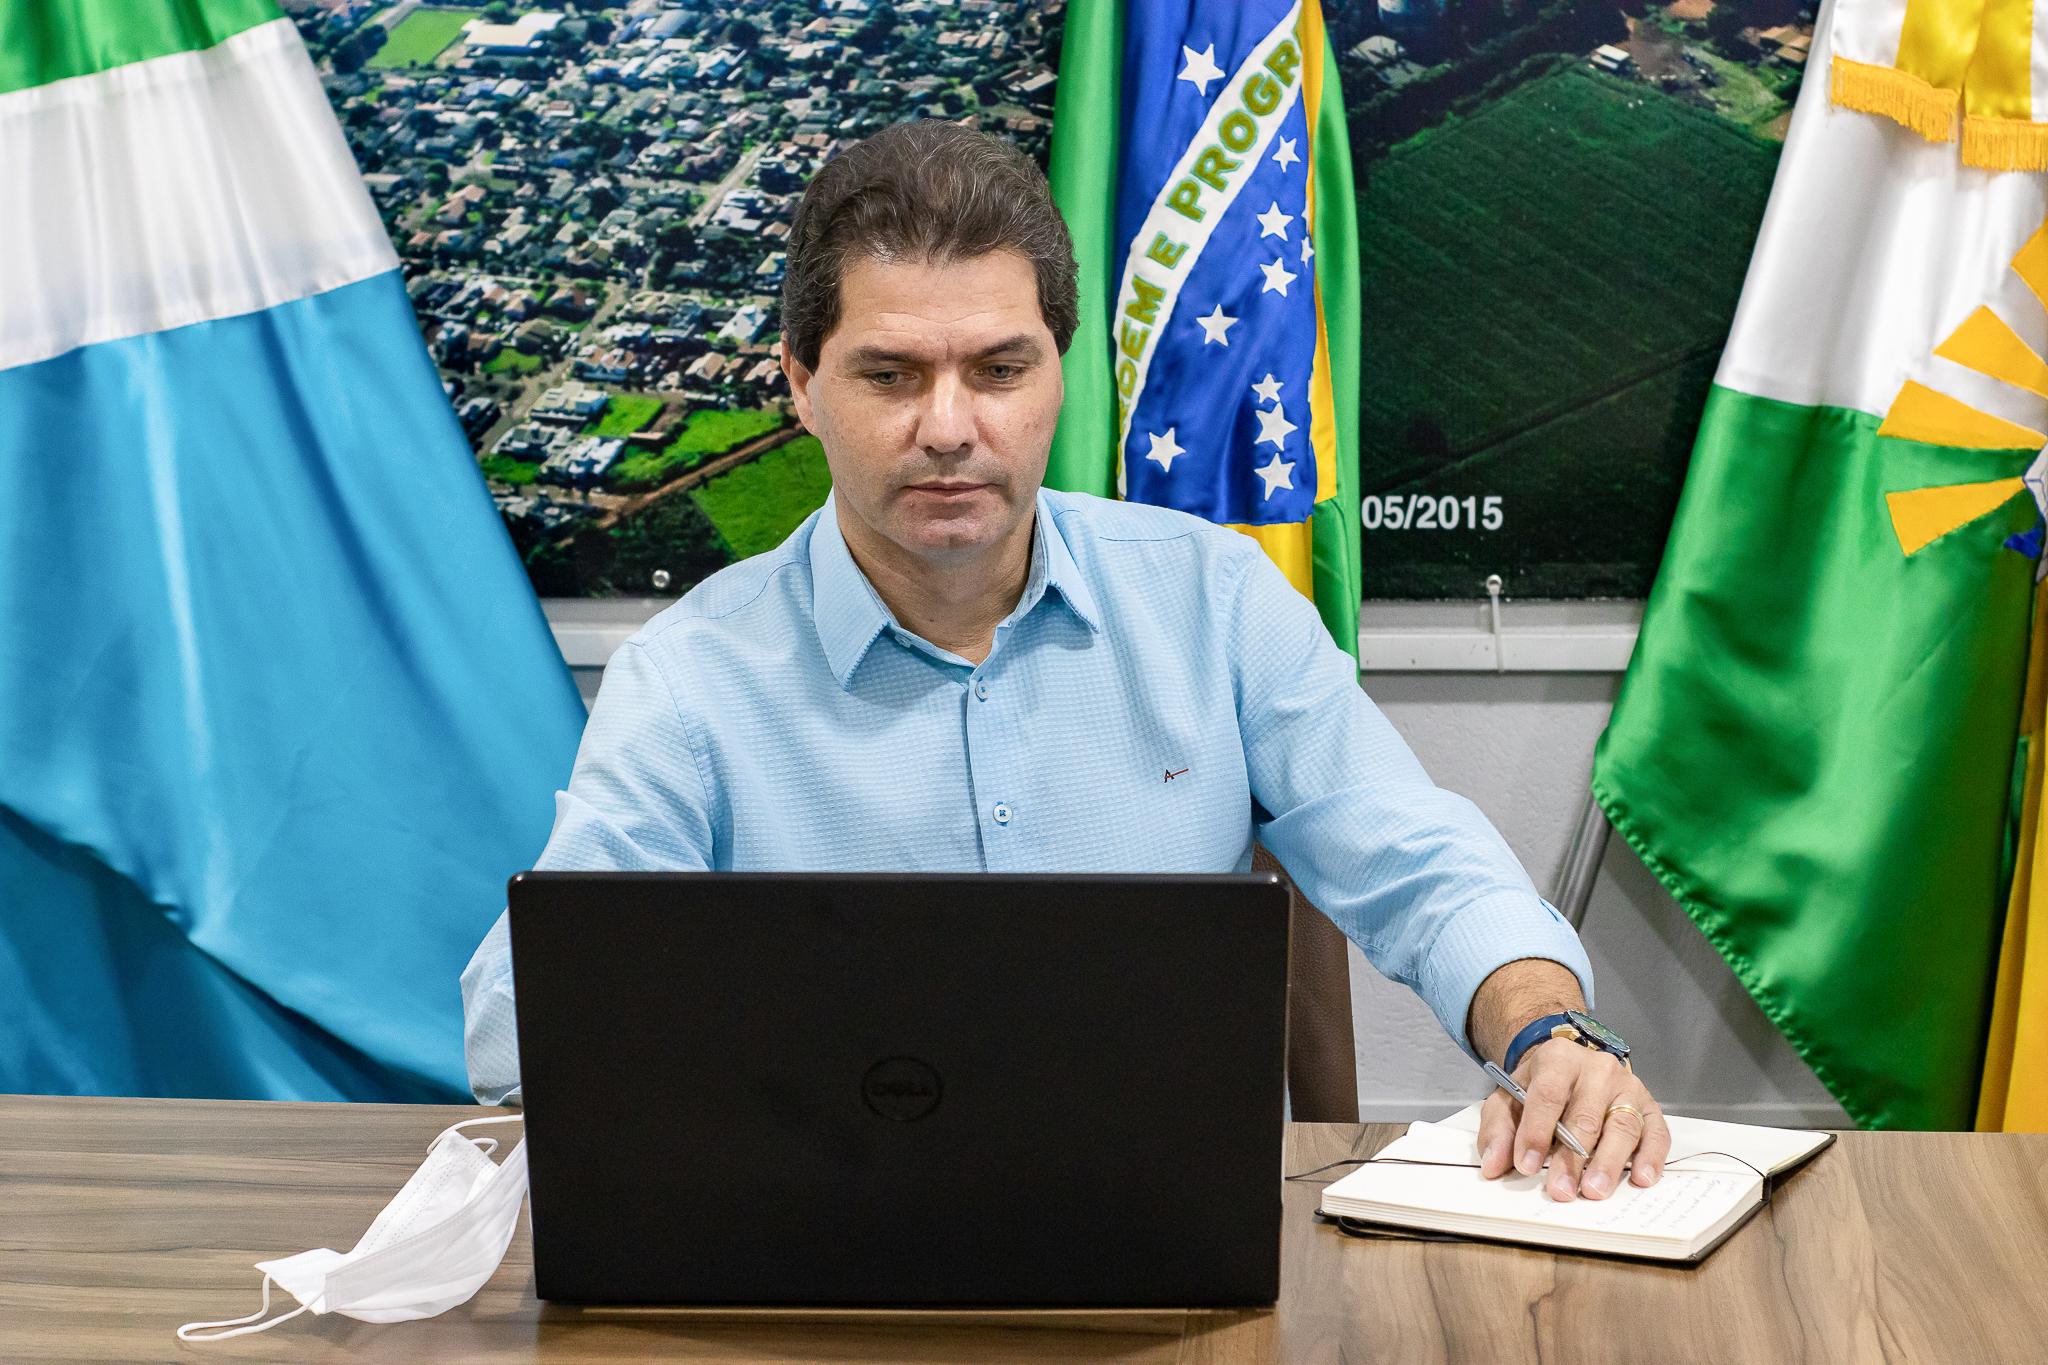 Prefeito de Maracaju completa 100 dias de gestão confiante nos resultados